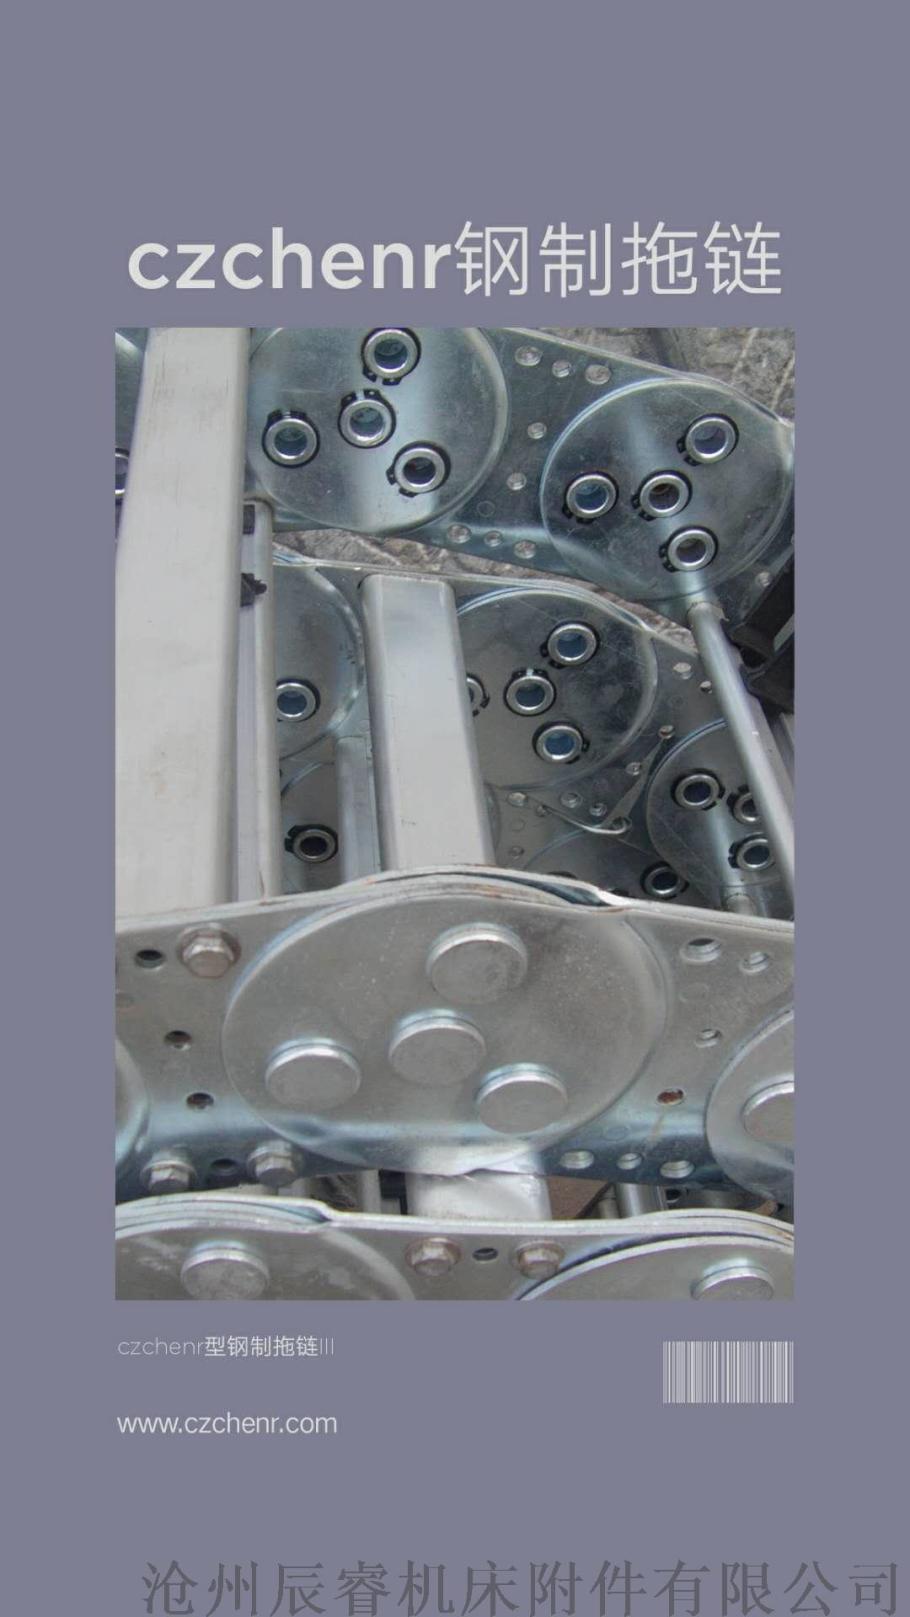 金属钢制拖链 河北嵘实czchenr拖链 钻机拖链826182485